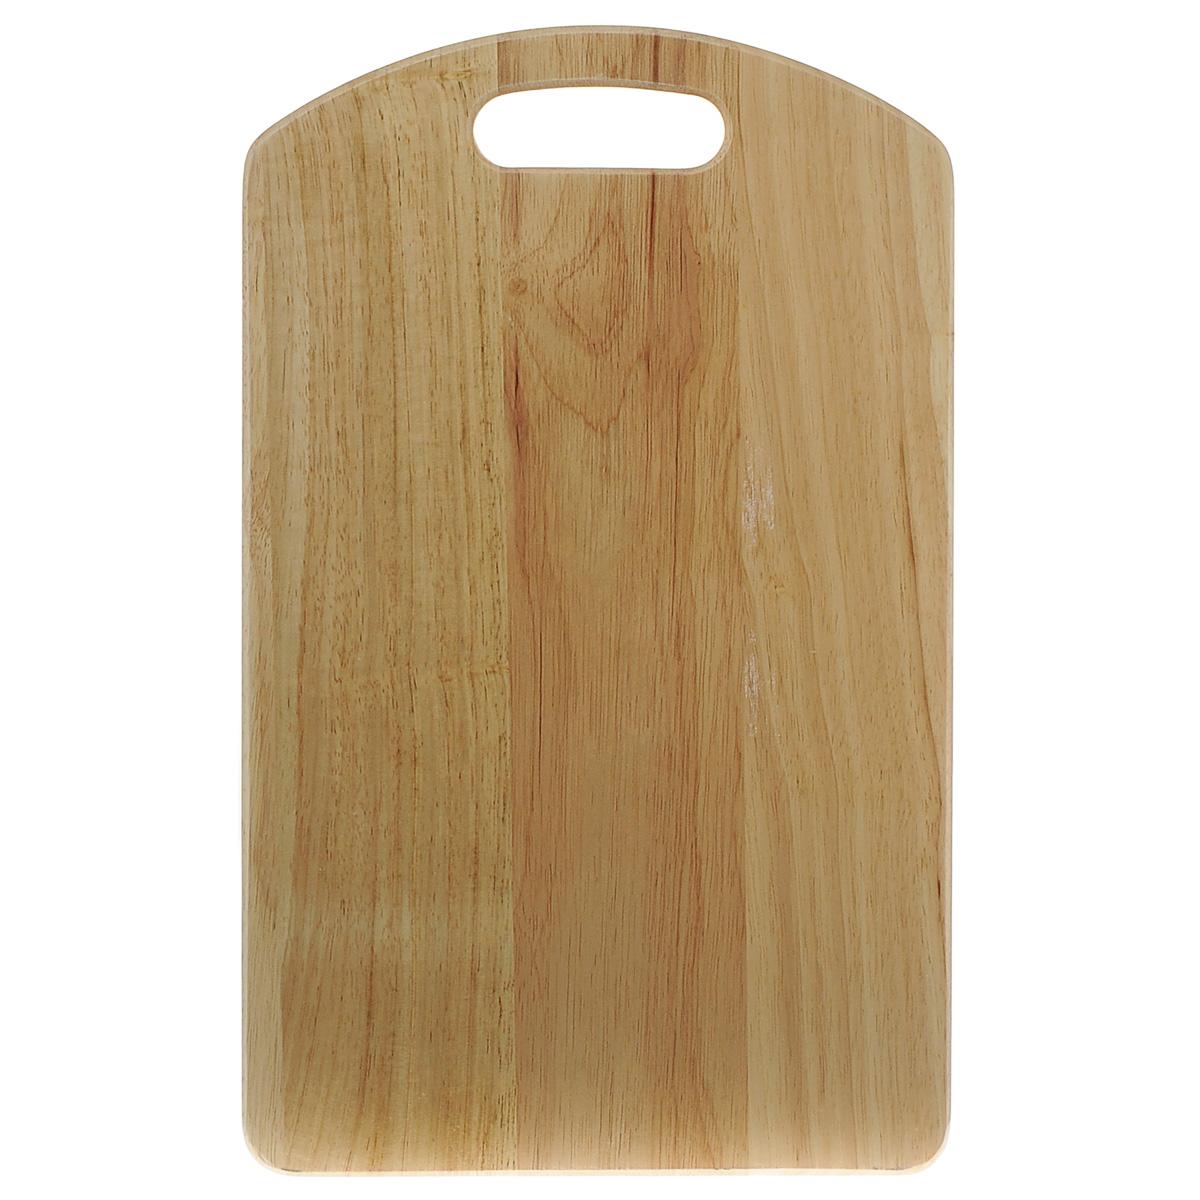 Доска разделочная Green Way, 45 см х 28 см54 009312Разделочная доска Green Way изготовлена из натурального дерева. Прекрасно подходит для приготовления и сервировки пищи. Всем известно, что на кухне без разделочной доски не обойтись. Ведь во время приготовления пищи мы то и дело что-то режем. Поэтому разделочная доска должна быть изготовлена из прочного и экологически чистого материала, ведь с ней соприкасается наша пища. Доска оснащена специальным отверстием для подвешивания в любом удобном месте.Функциональная и простая в использовании, разделочная доска Green Way прекрасно впишется в интерьер любой кухни и прослужит вам долгие годы.Нельзя мыть в посудомоечной машине.